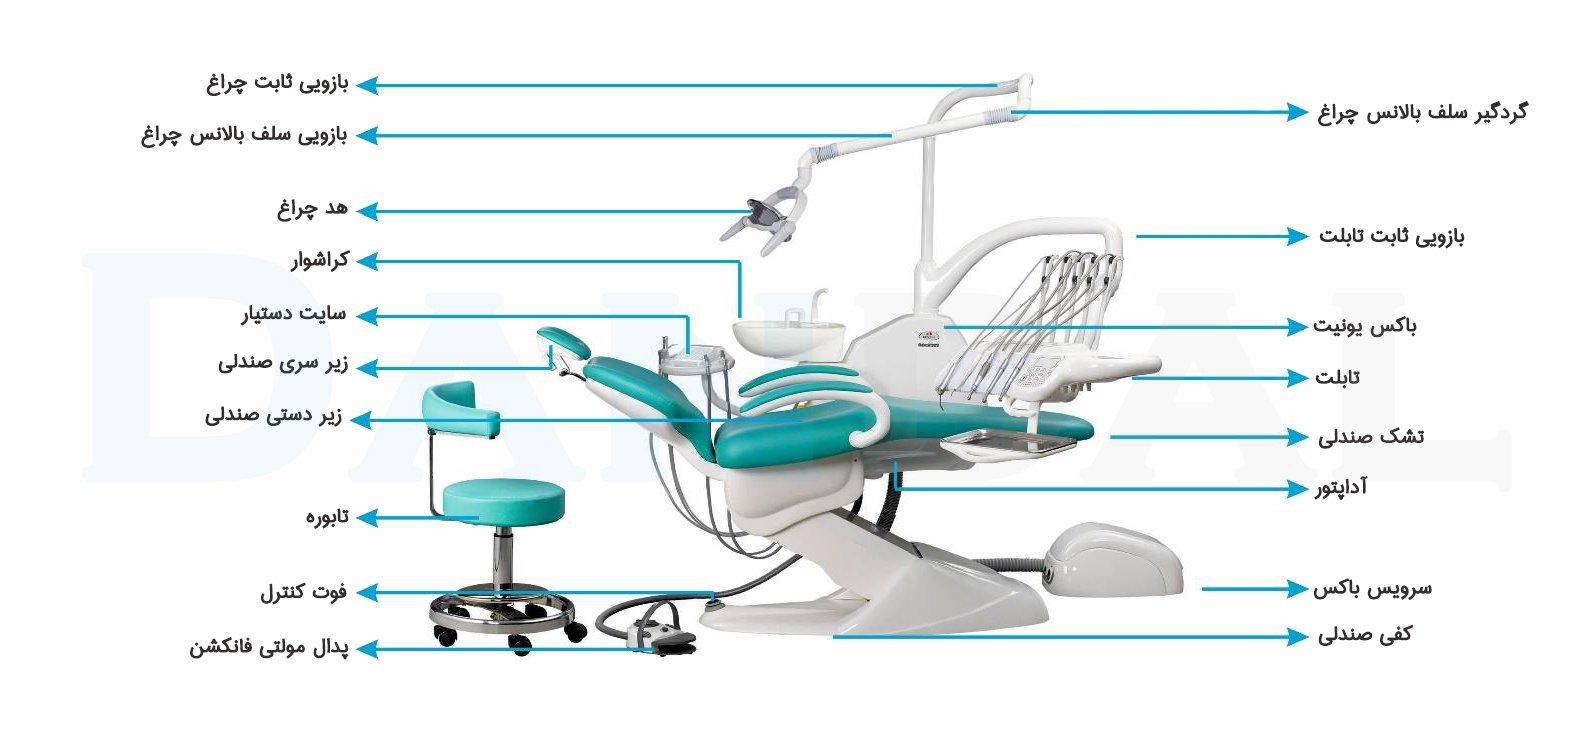 تعمیر و بازسازی یونیت دندانپزشکی